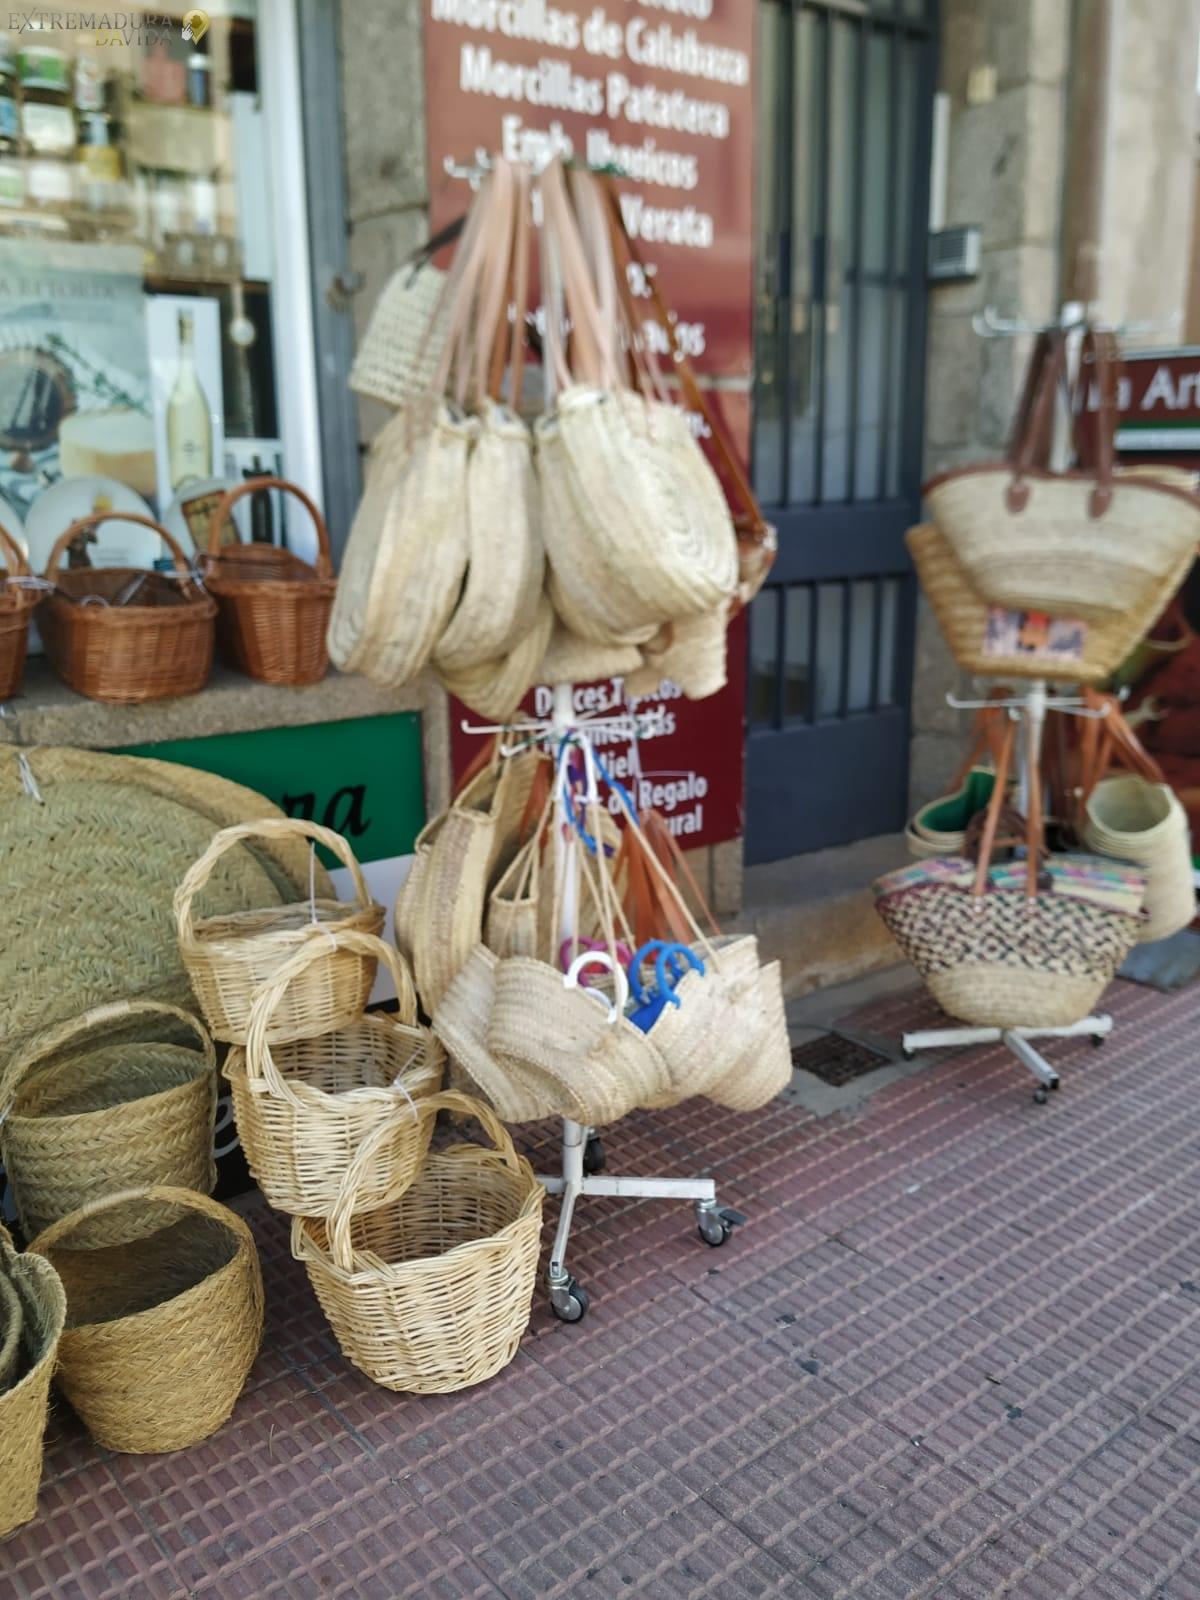 Cestería en la Vera La Artesa Gourmet Jarandilla